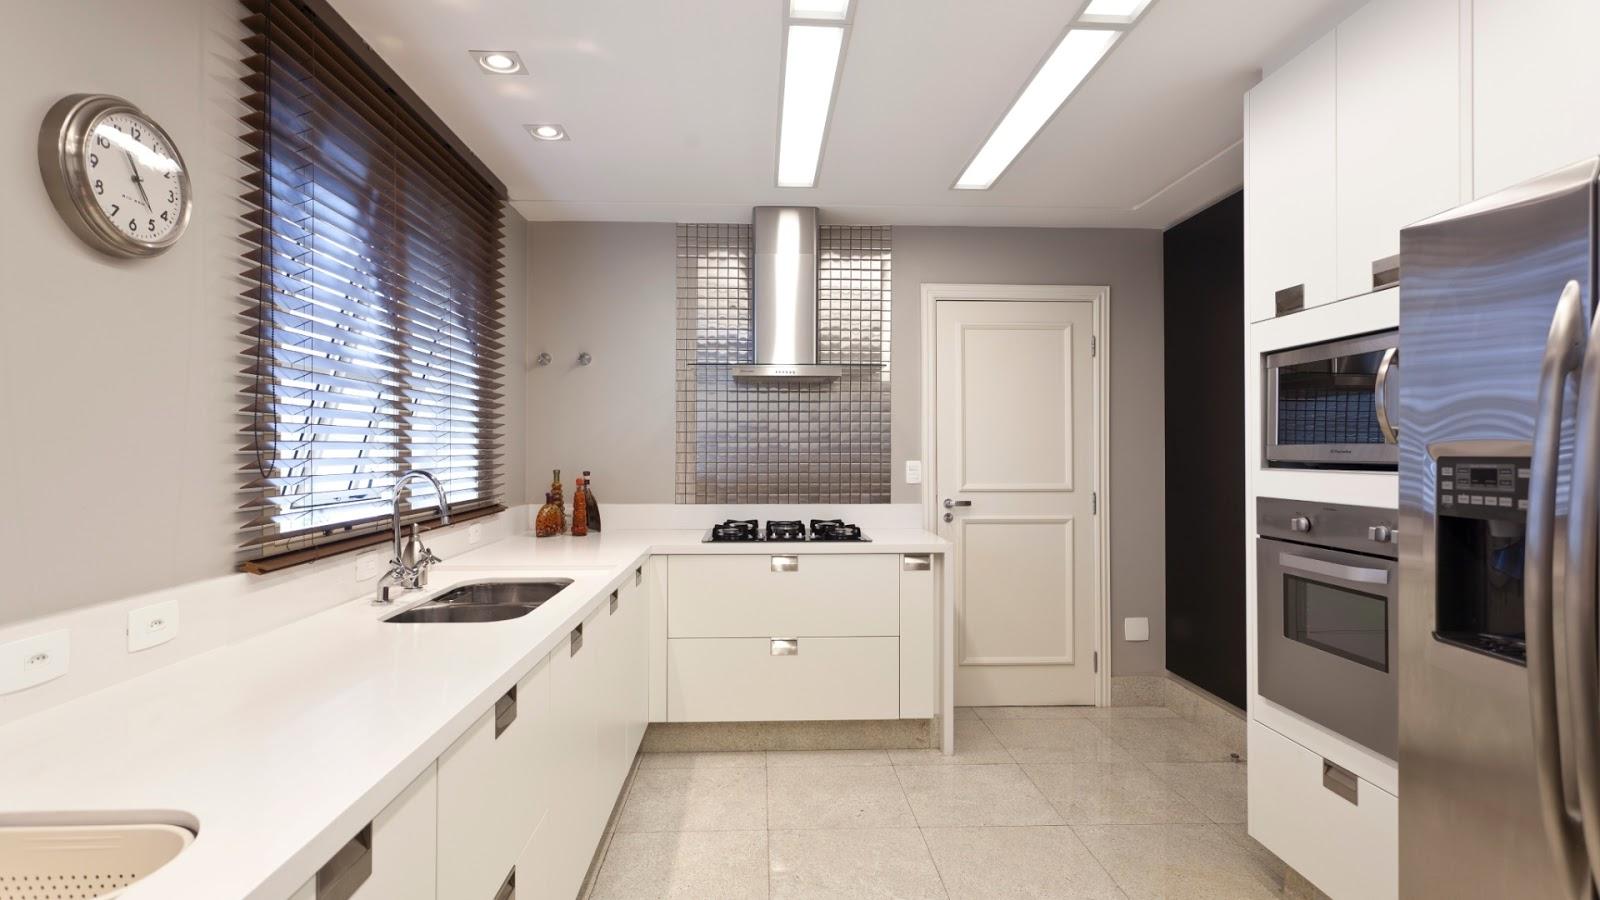 fotos-de-cozinhas-com-cooktop